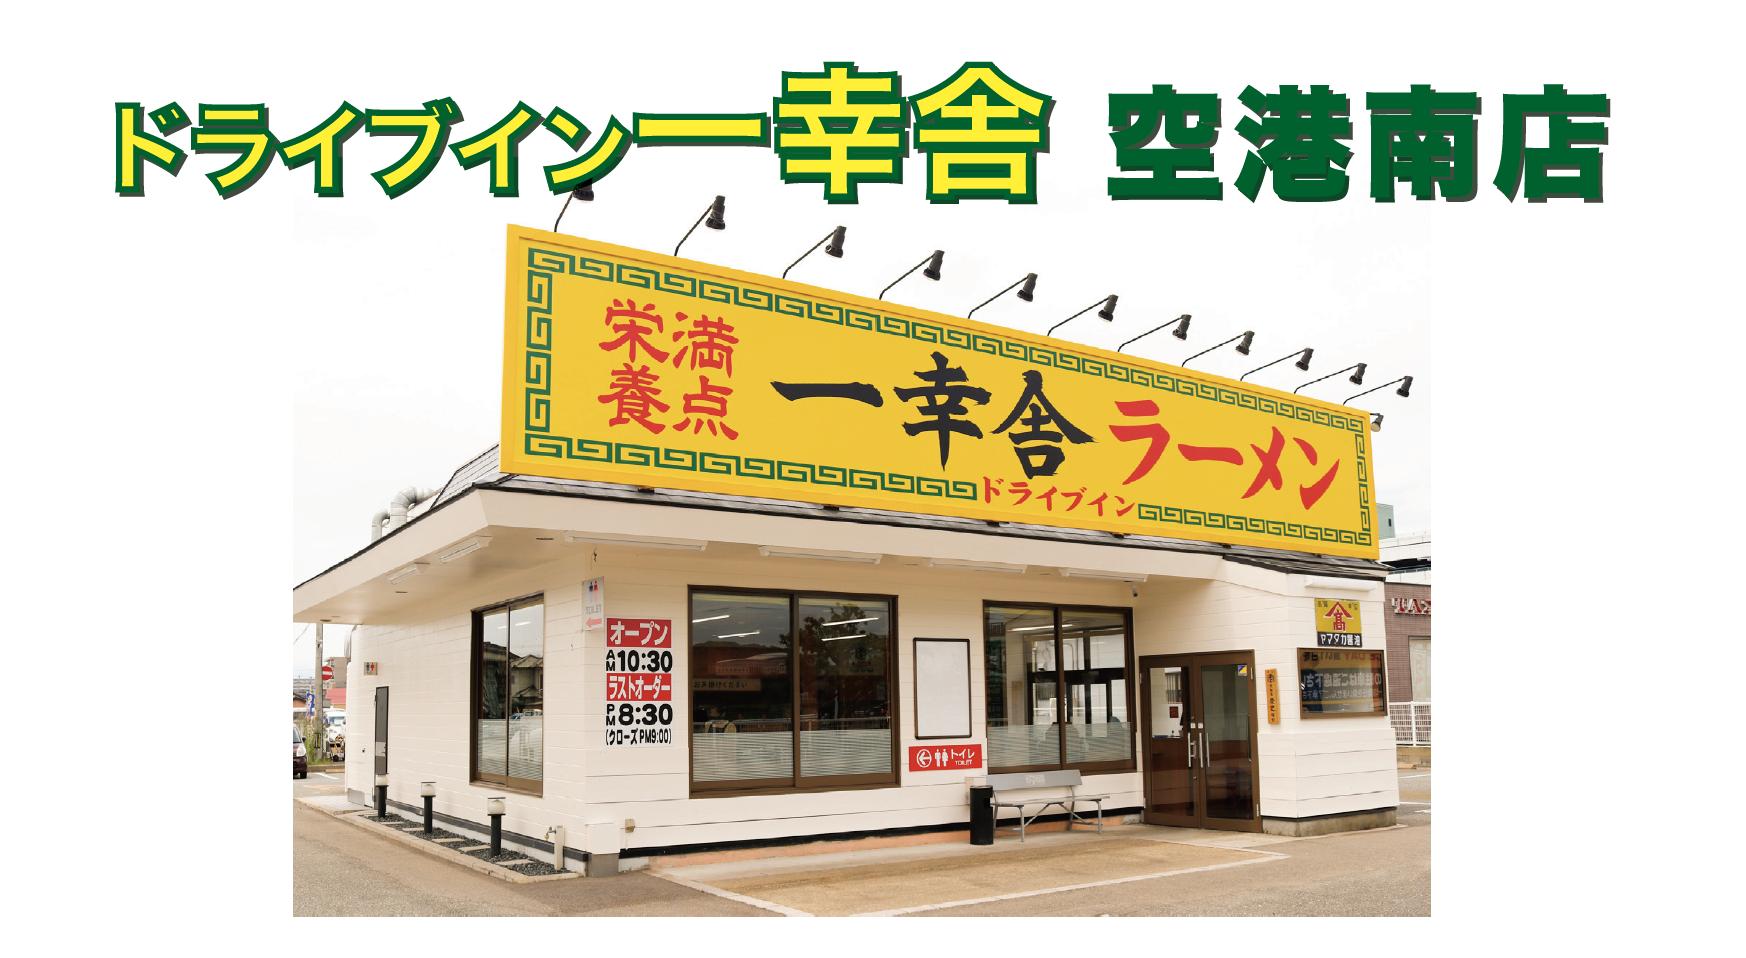 【新業態2店舗目】ドライブイン一幸舎 空港南店 開店